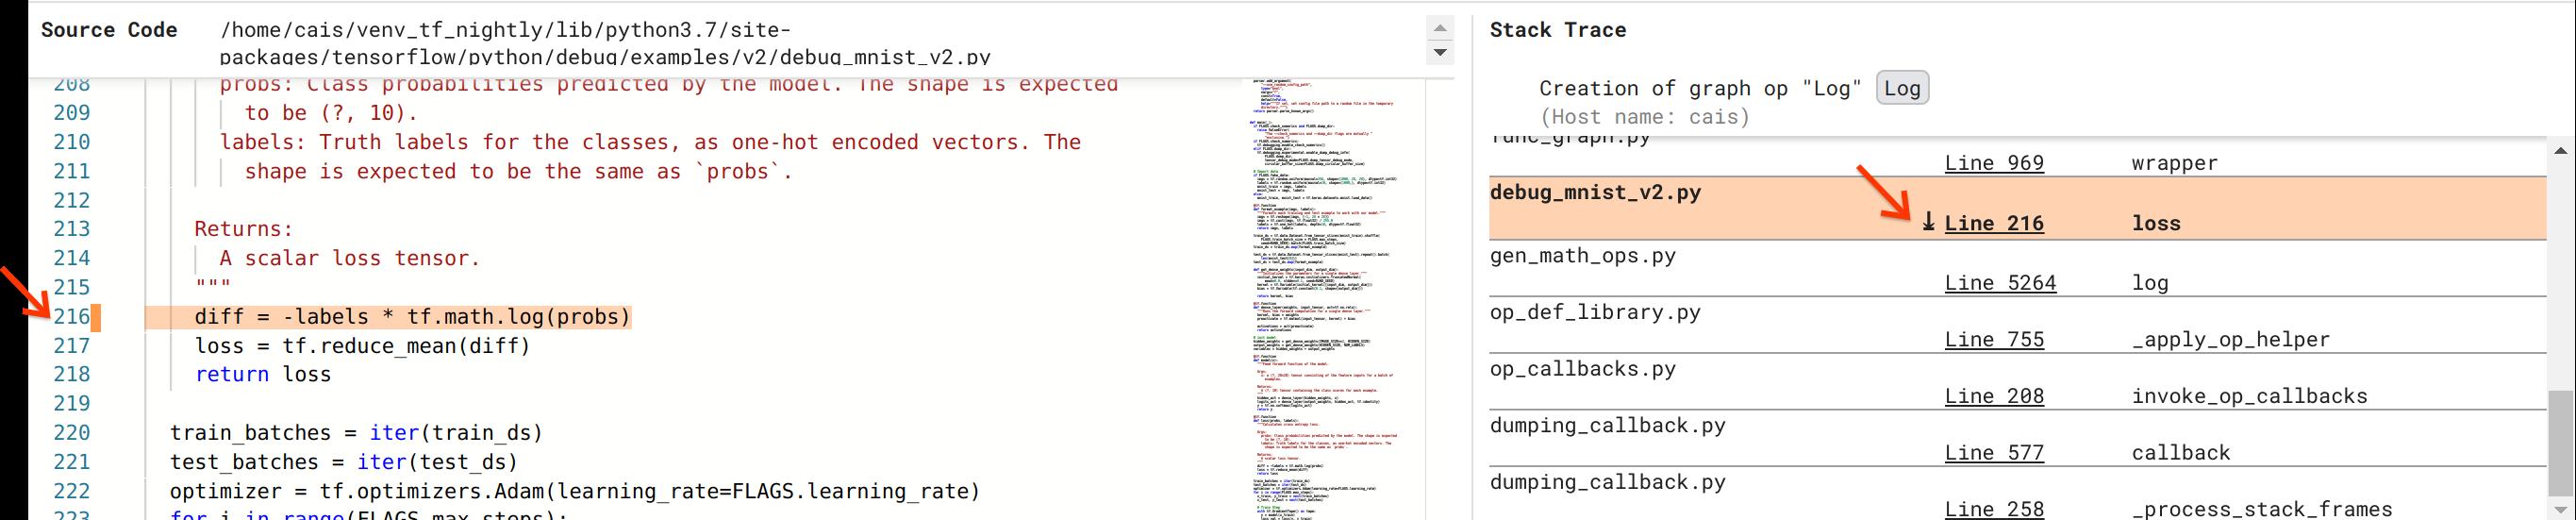 调试器V2:源代码和堆栈跟踪